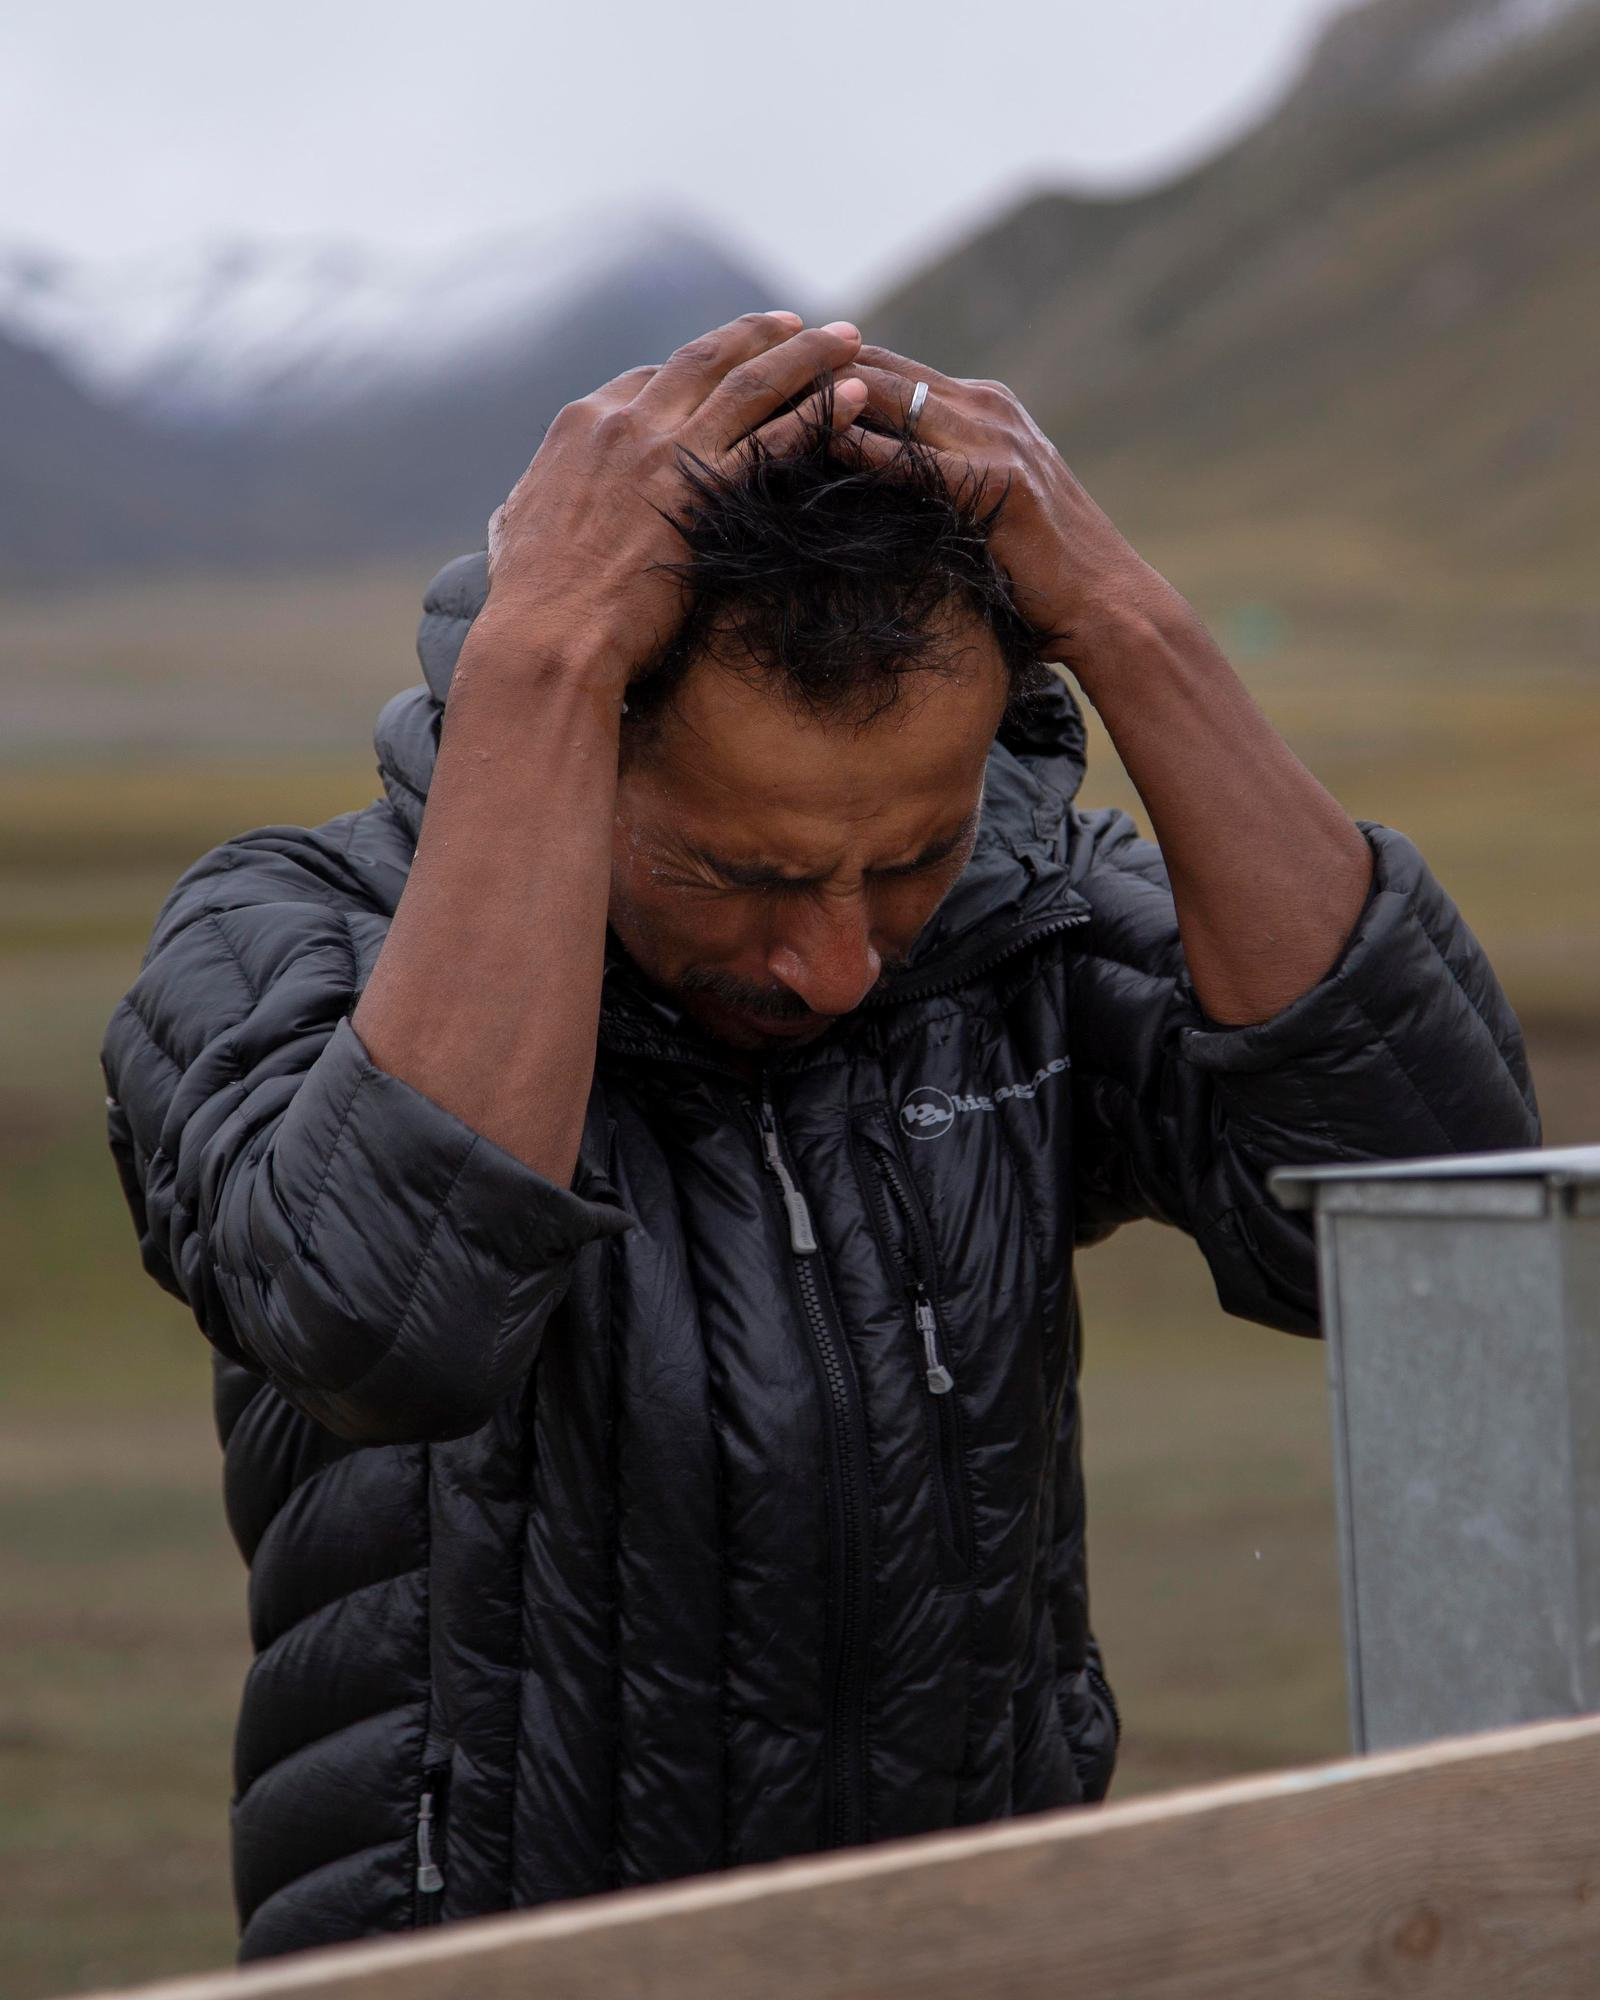 Ernie Lechuga runs water through his hair. (Rugile Kaladyte)